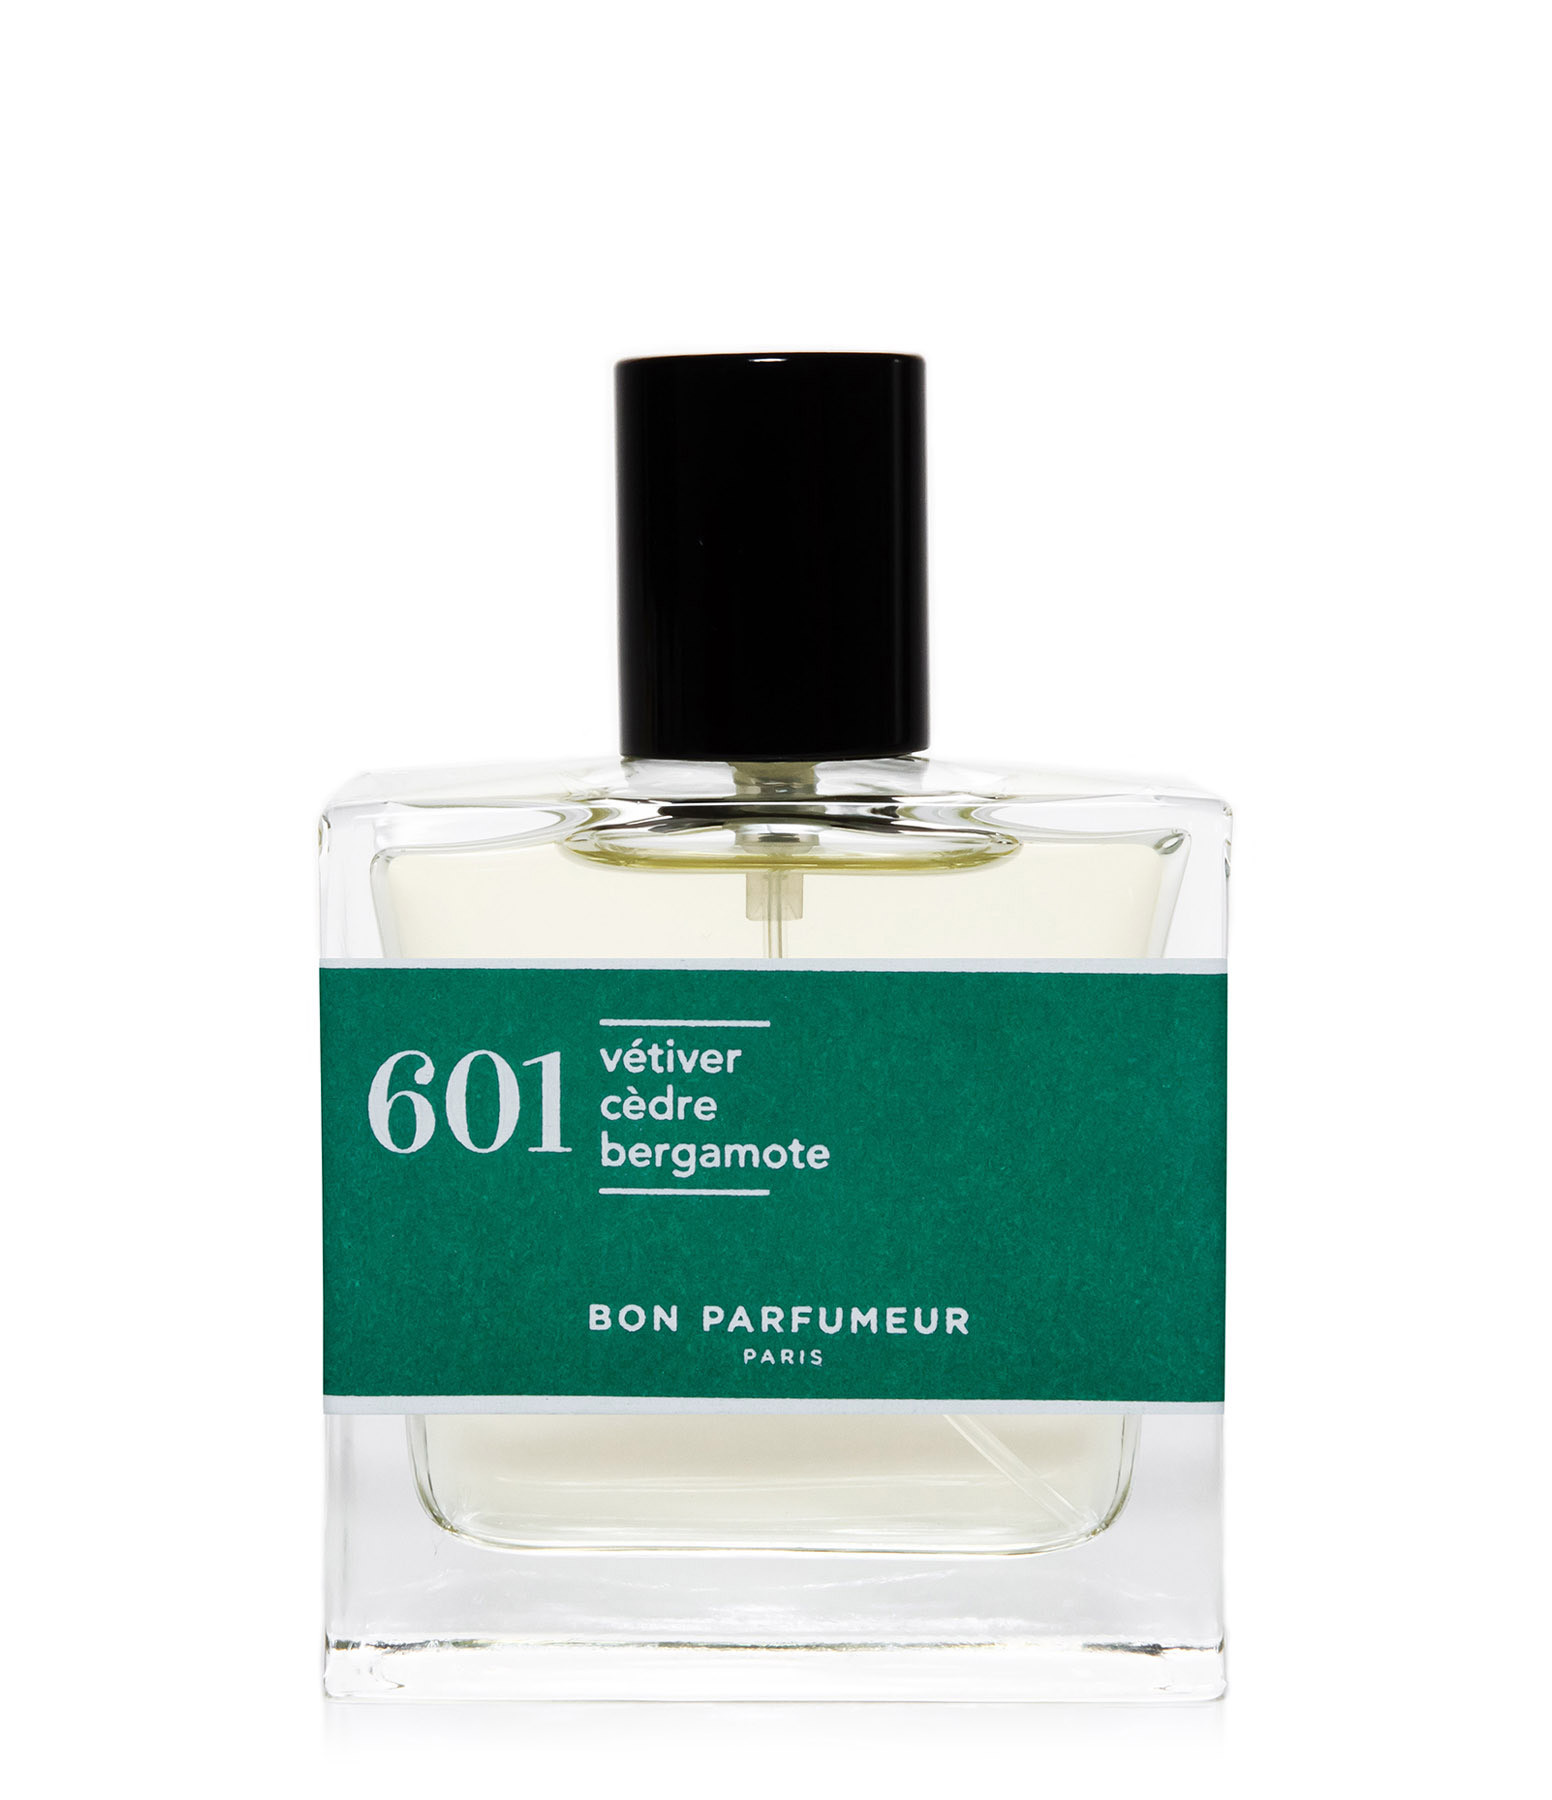 BON PARFUMEUR - Eau de Parfum #601 Vétiver, Cèdre, Bergamote